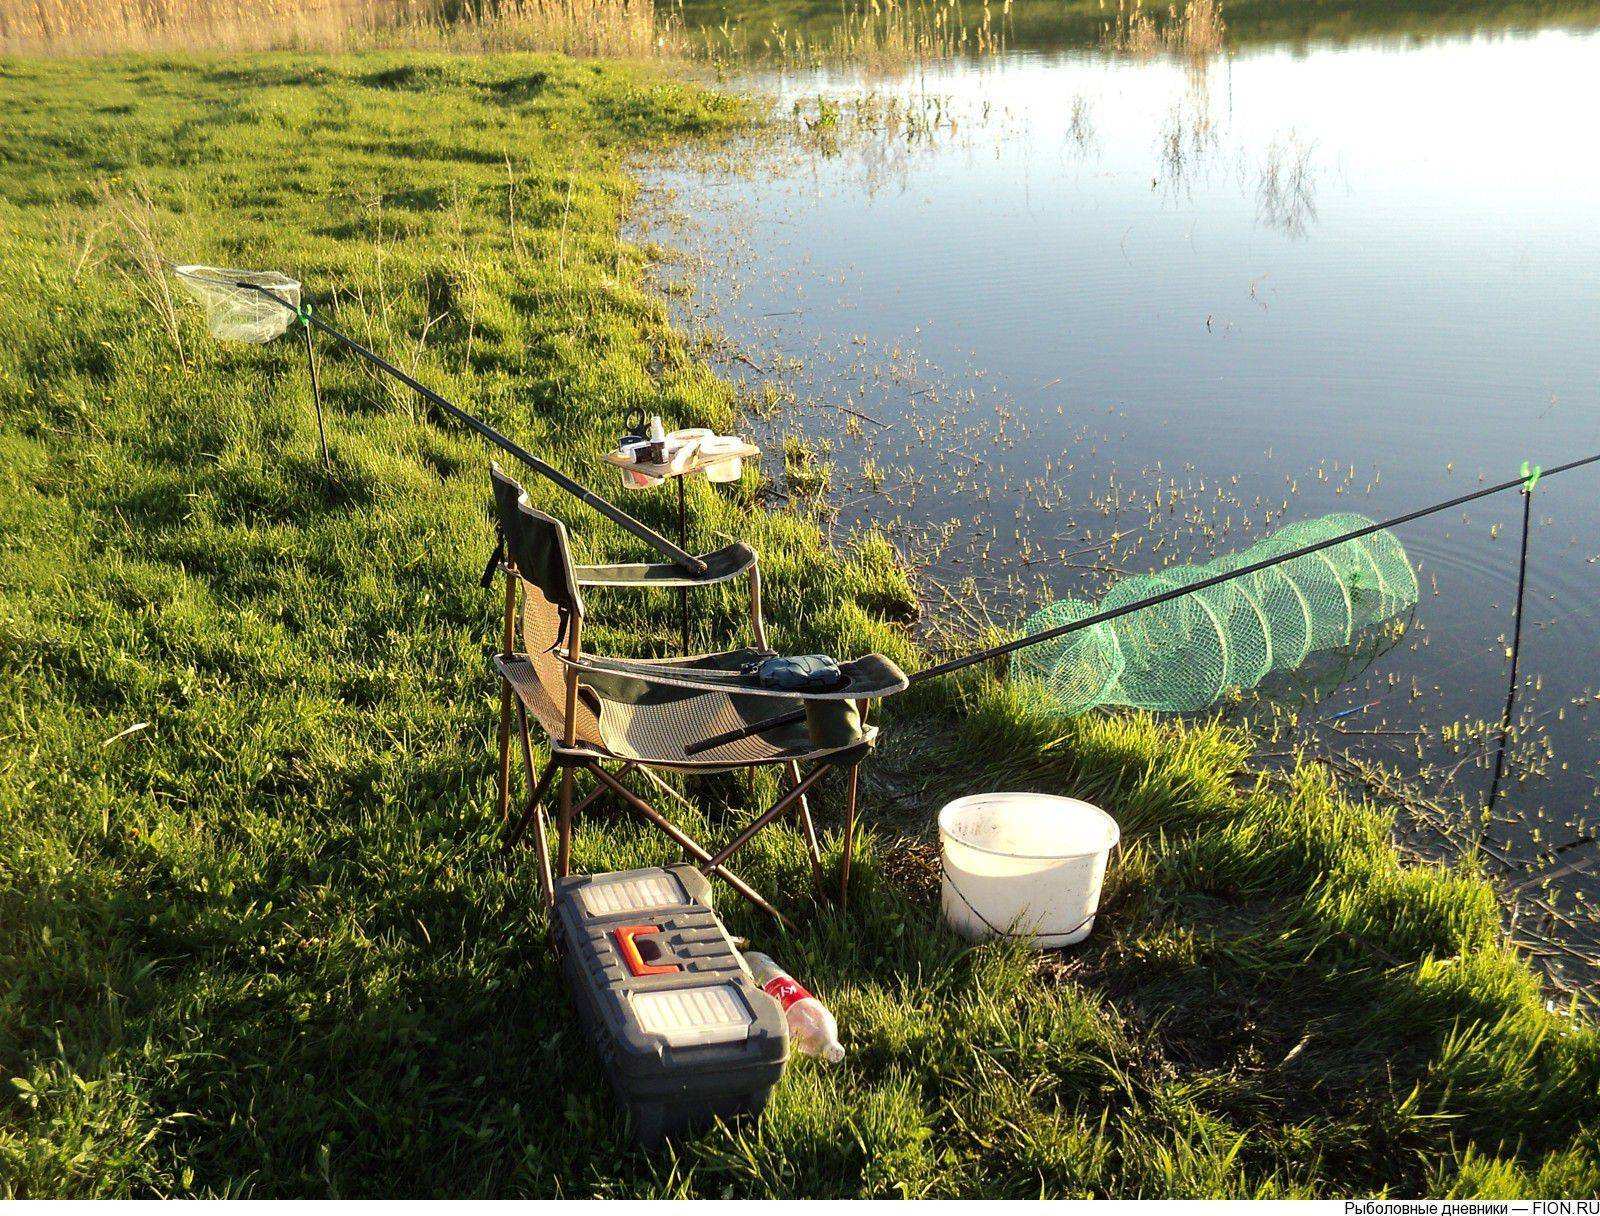 Рыбалка в ставропольском крае: обзор платных и бесплатных водоемов, рыбалка в дубовке ставропольский край.